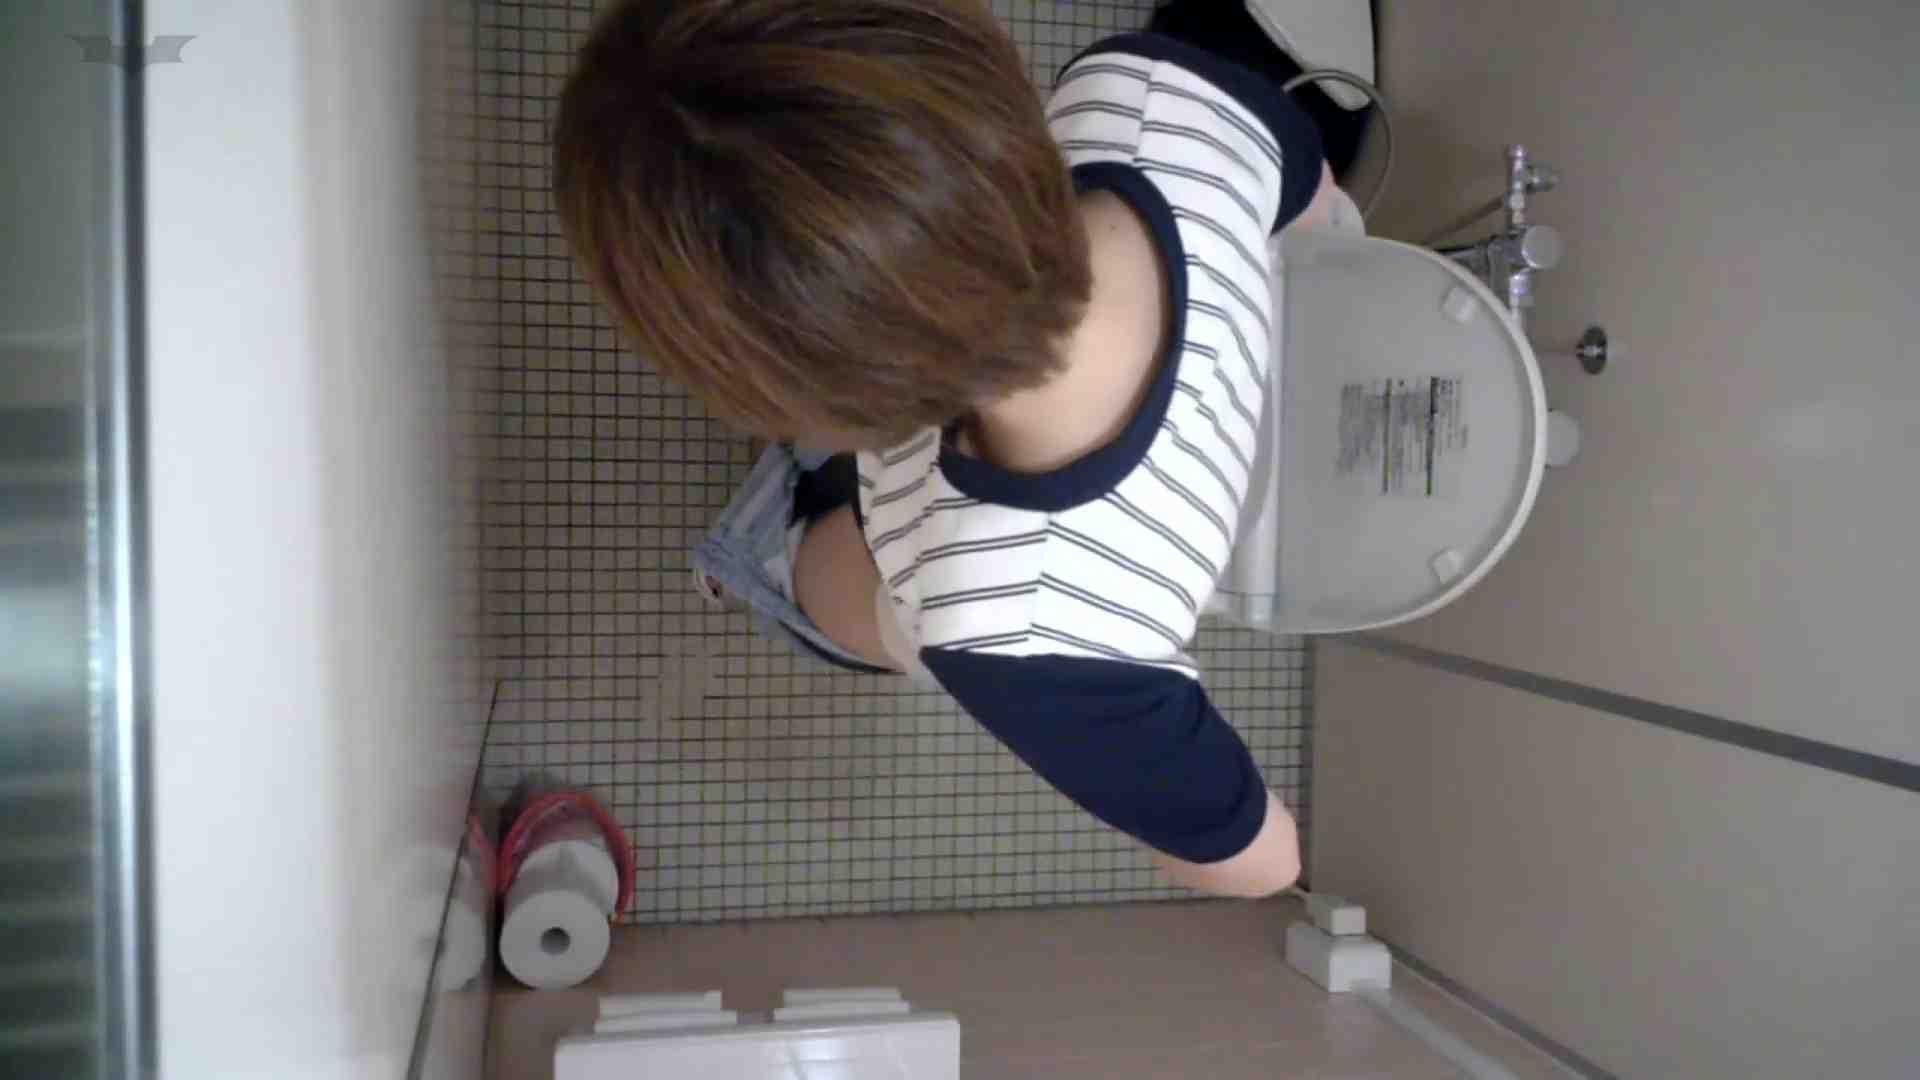 有名大学女性洗面所 vol.48 おっ、脱いじゃう感じだっ!!しかも粒ぞろい 盛合せ | 高画質動画  34画像 1